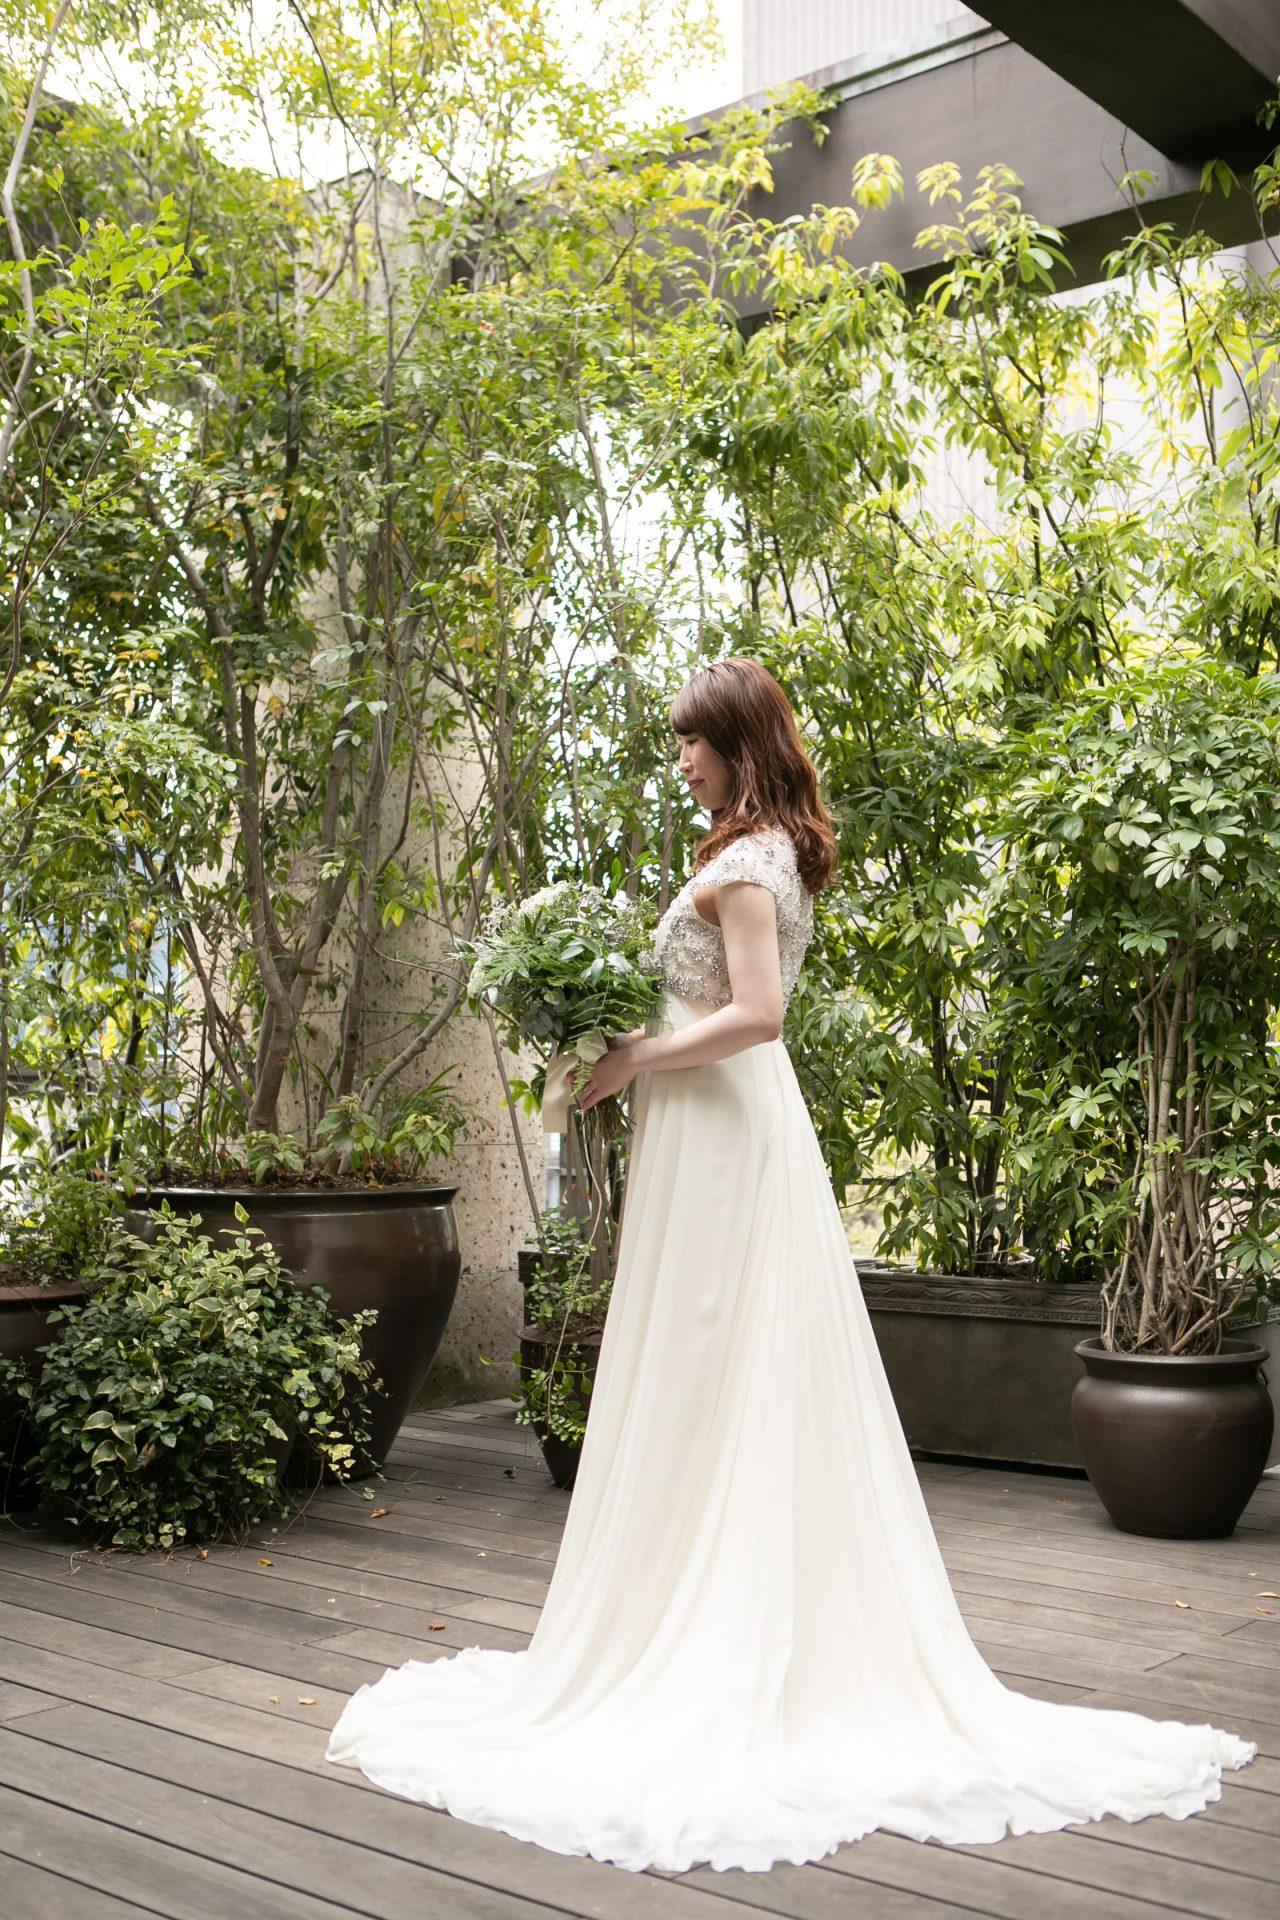 ザ・カワブンナゴヤにてお式をされる花嫁様におすすめのビジューが綺麗なジェニーパッカムのAラインのウエディングドレス